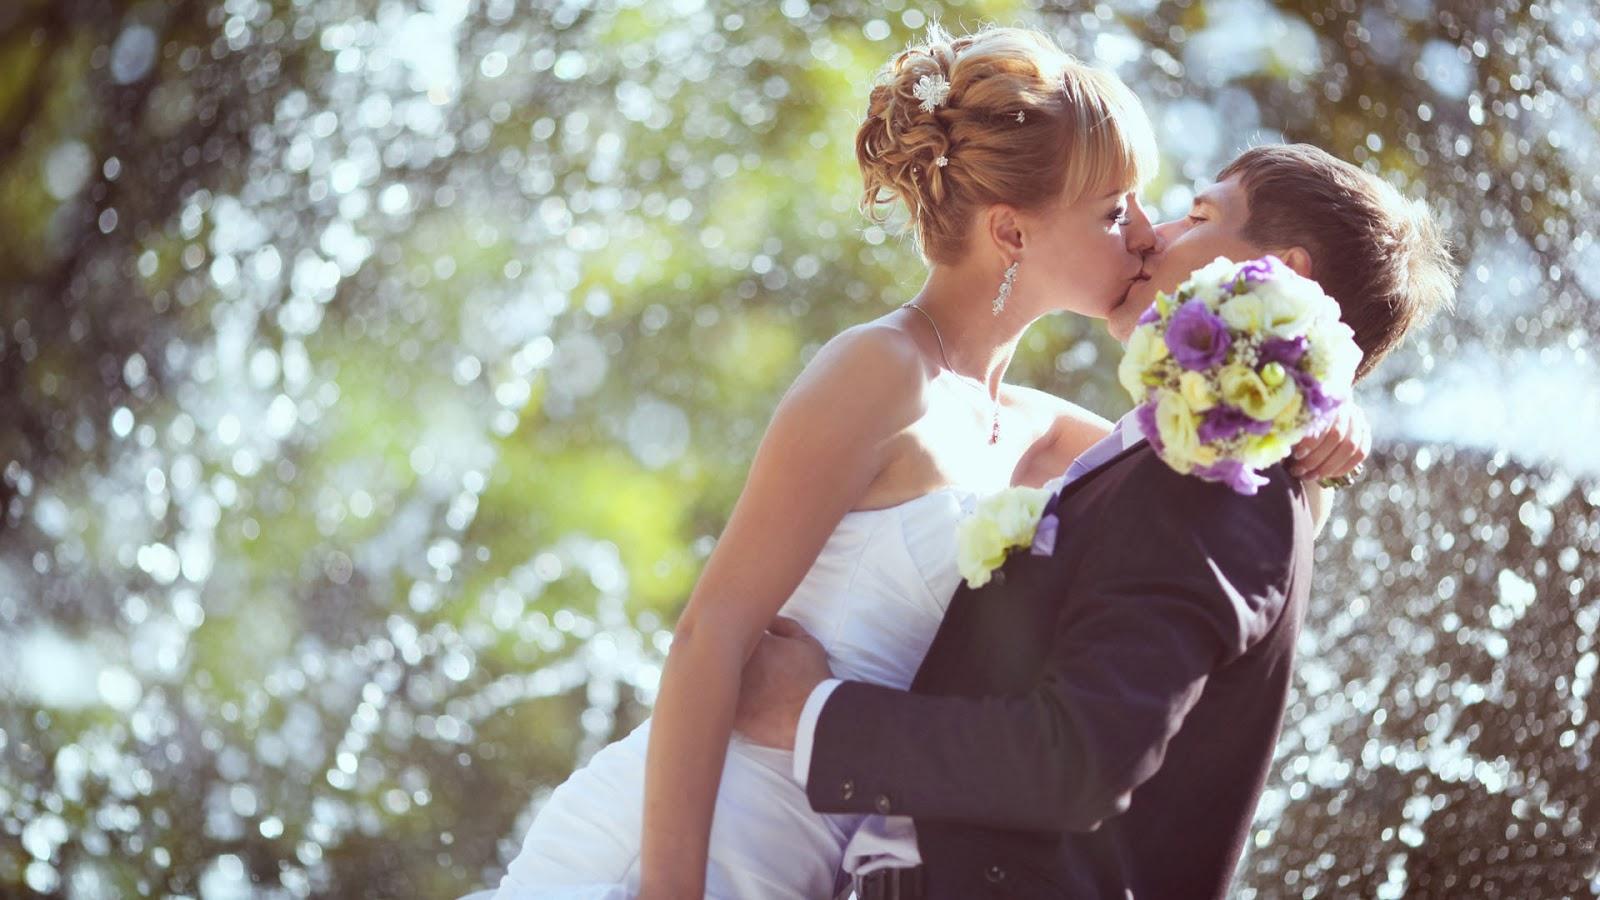 weddings couple first kissing hd wallpaper 1080p 21a | wallpaper keren